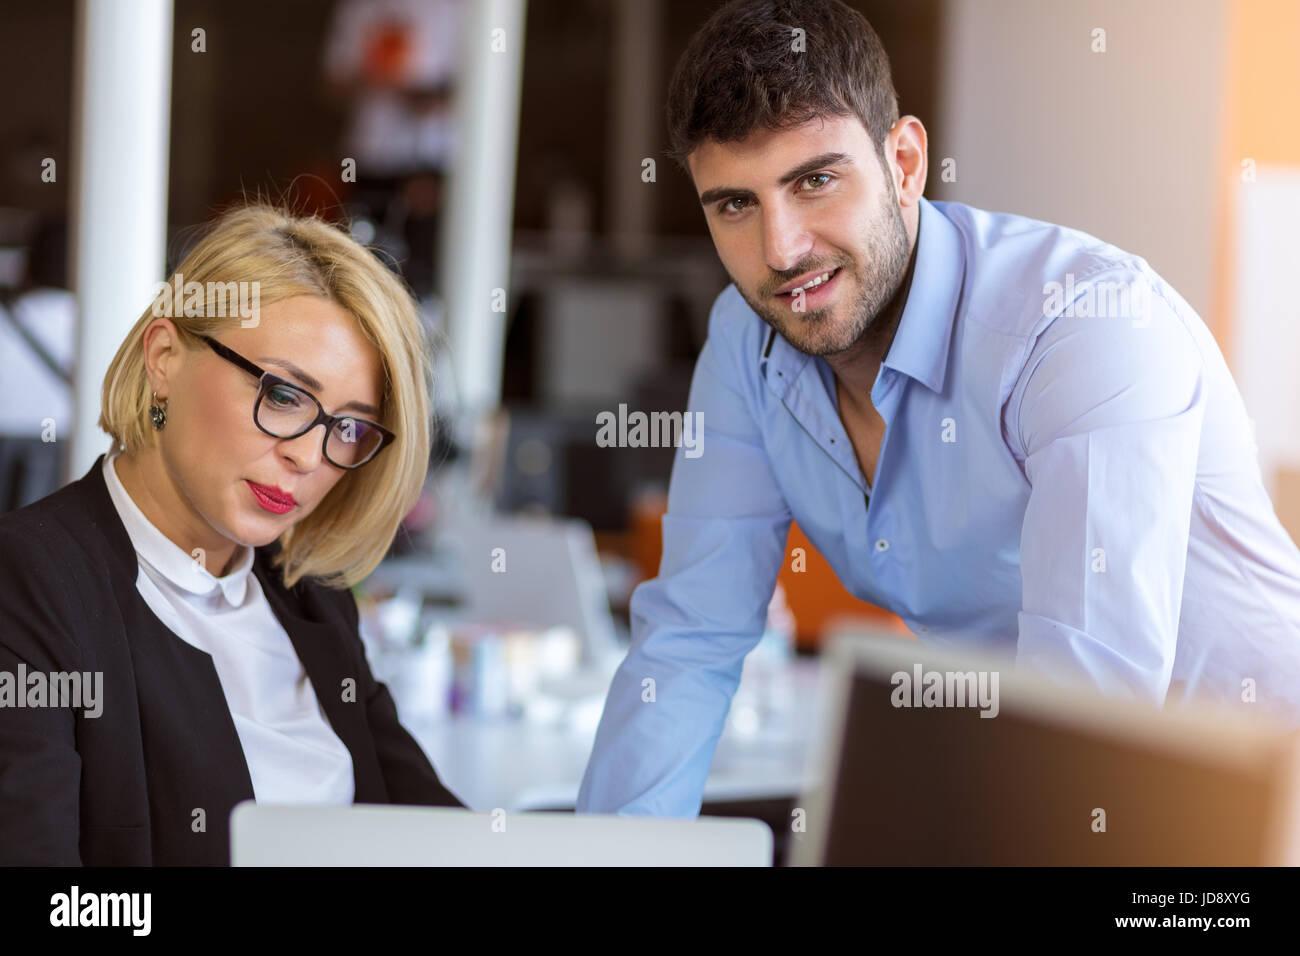 Kollegen unterhalten, zusammen sitzen am Bürotisch, Lächeln Stockfoto